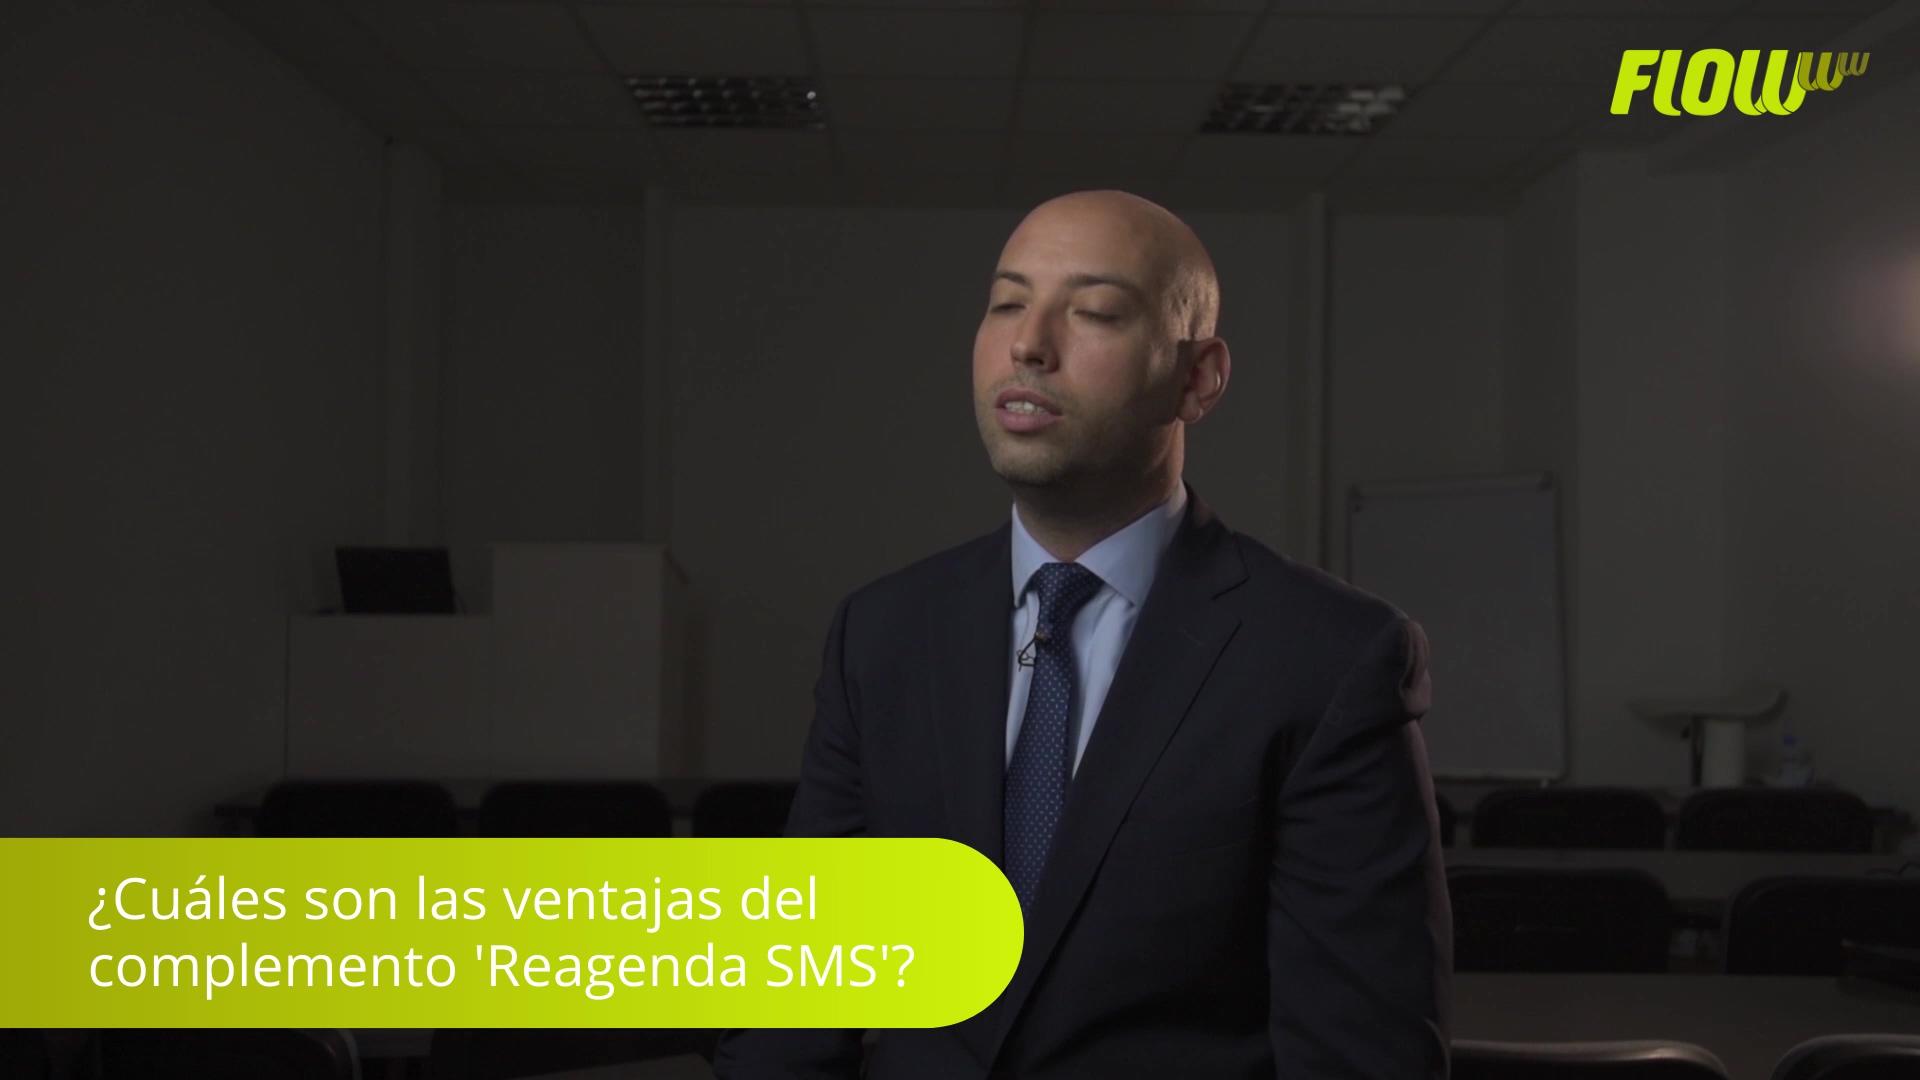 Dermasana - Ventajas del complemento reagenda sms